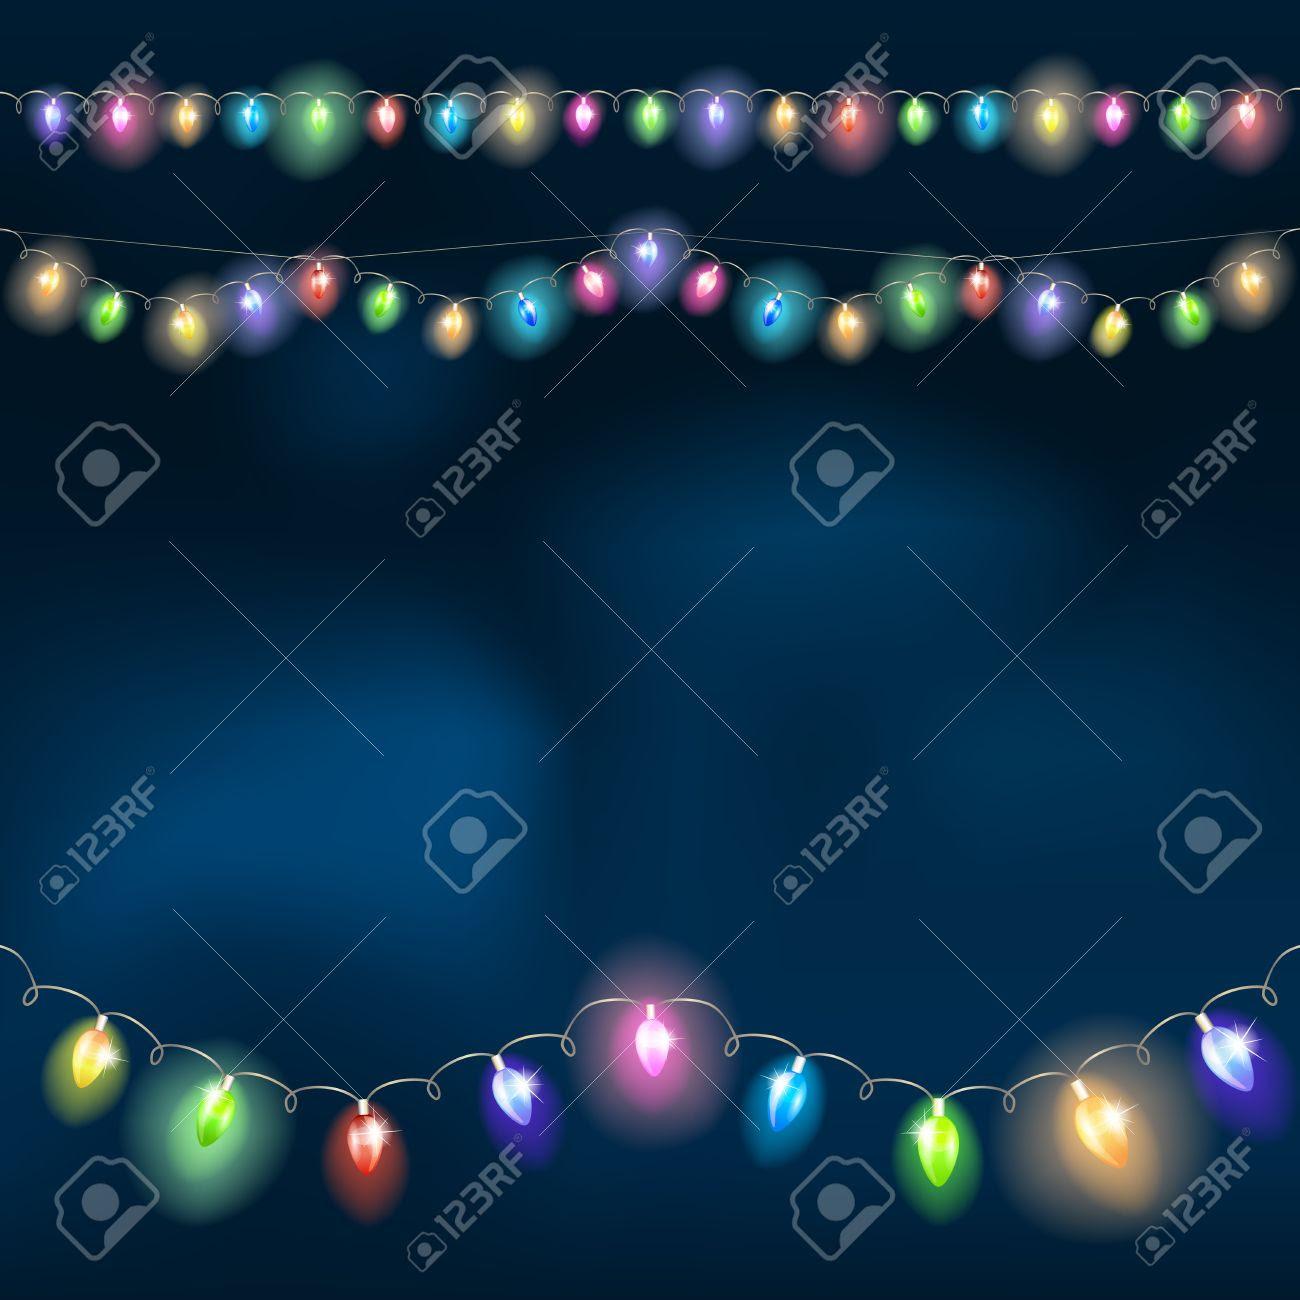 http://previews.123rf.com/images/margogl/margogl1511/margogl151100165/47882272-Christmas-light-garland-on-the-night-sky-Vector-illustration--Stock-Vector.jpg